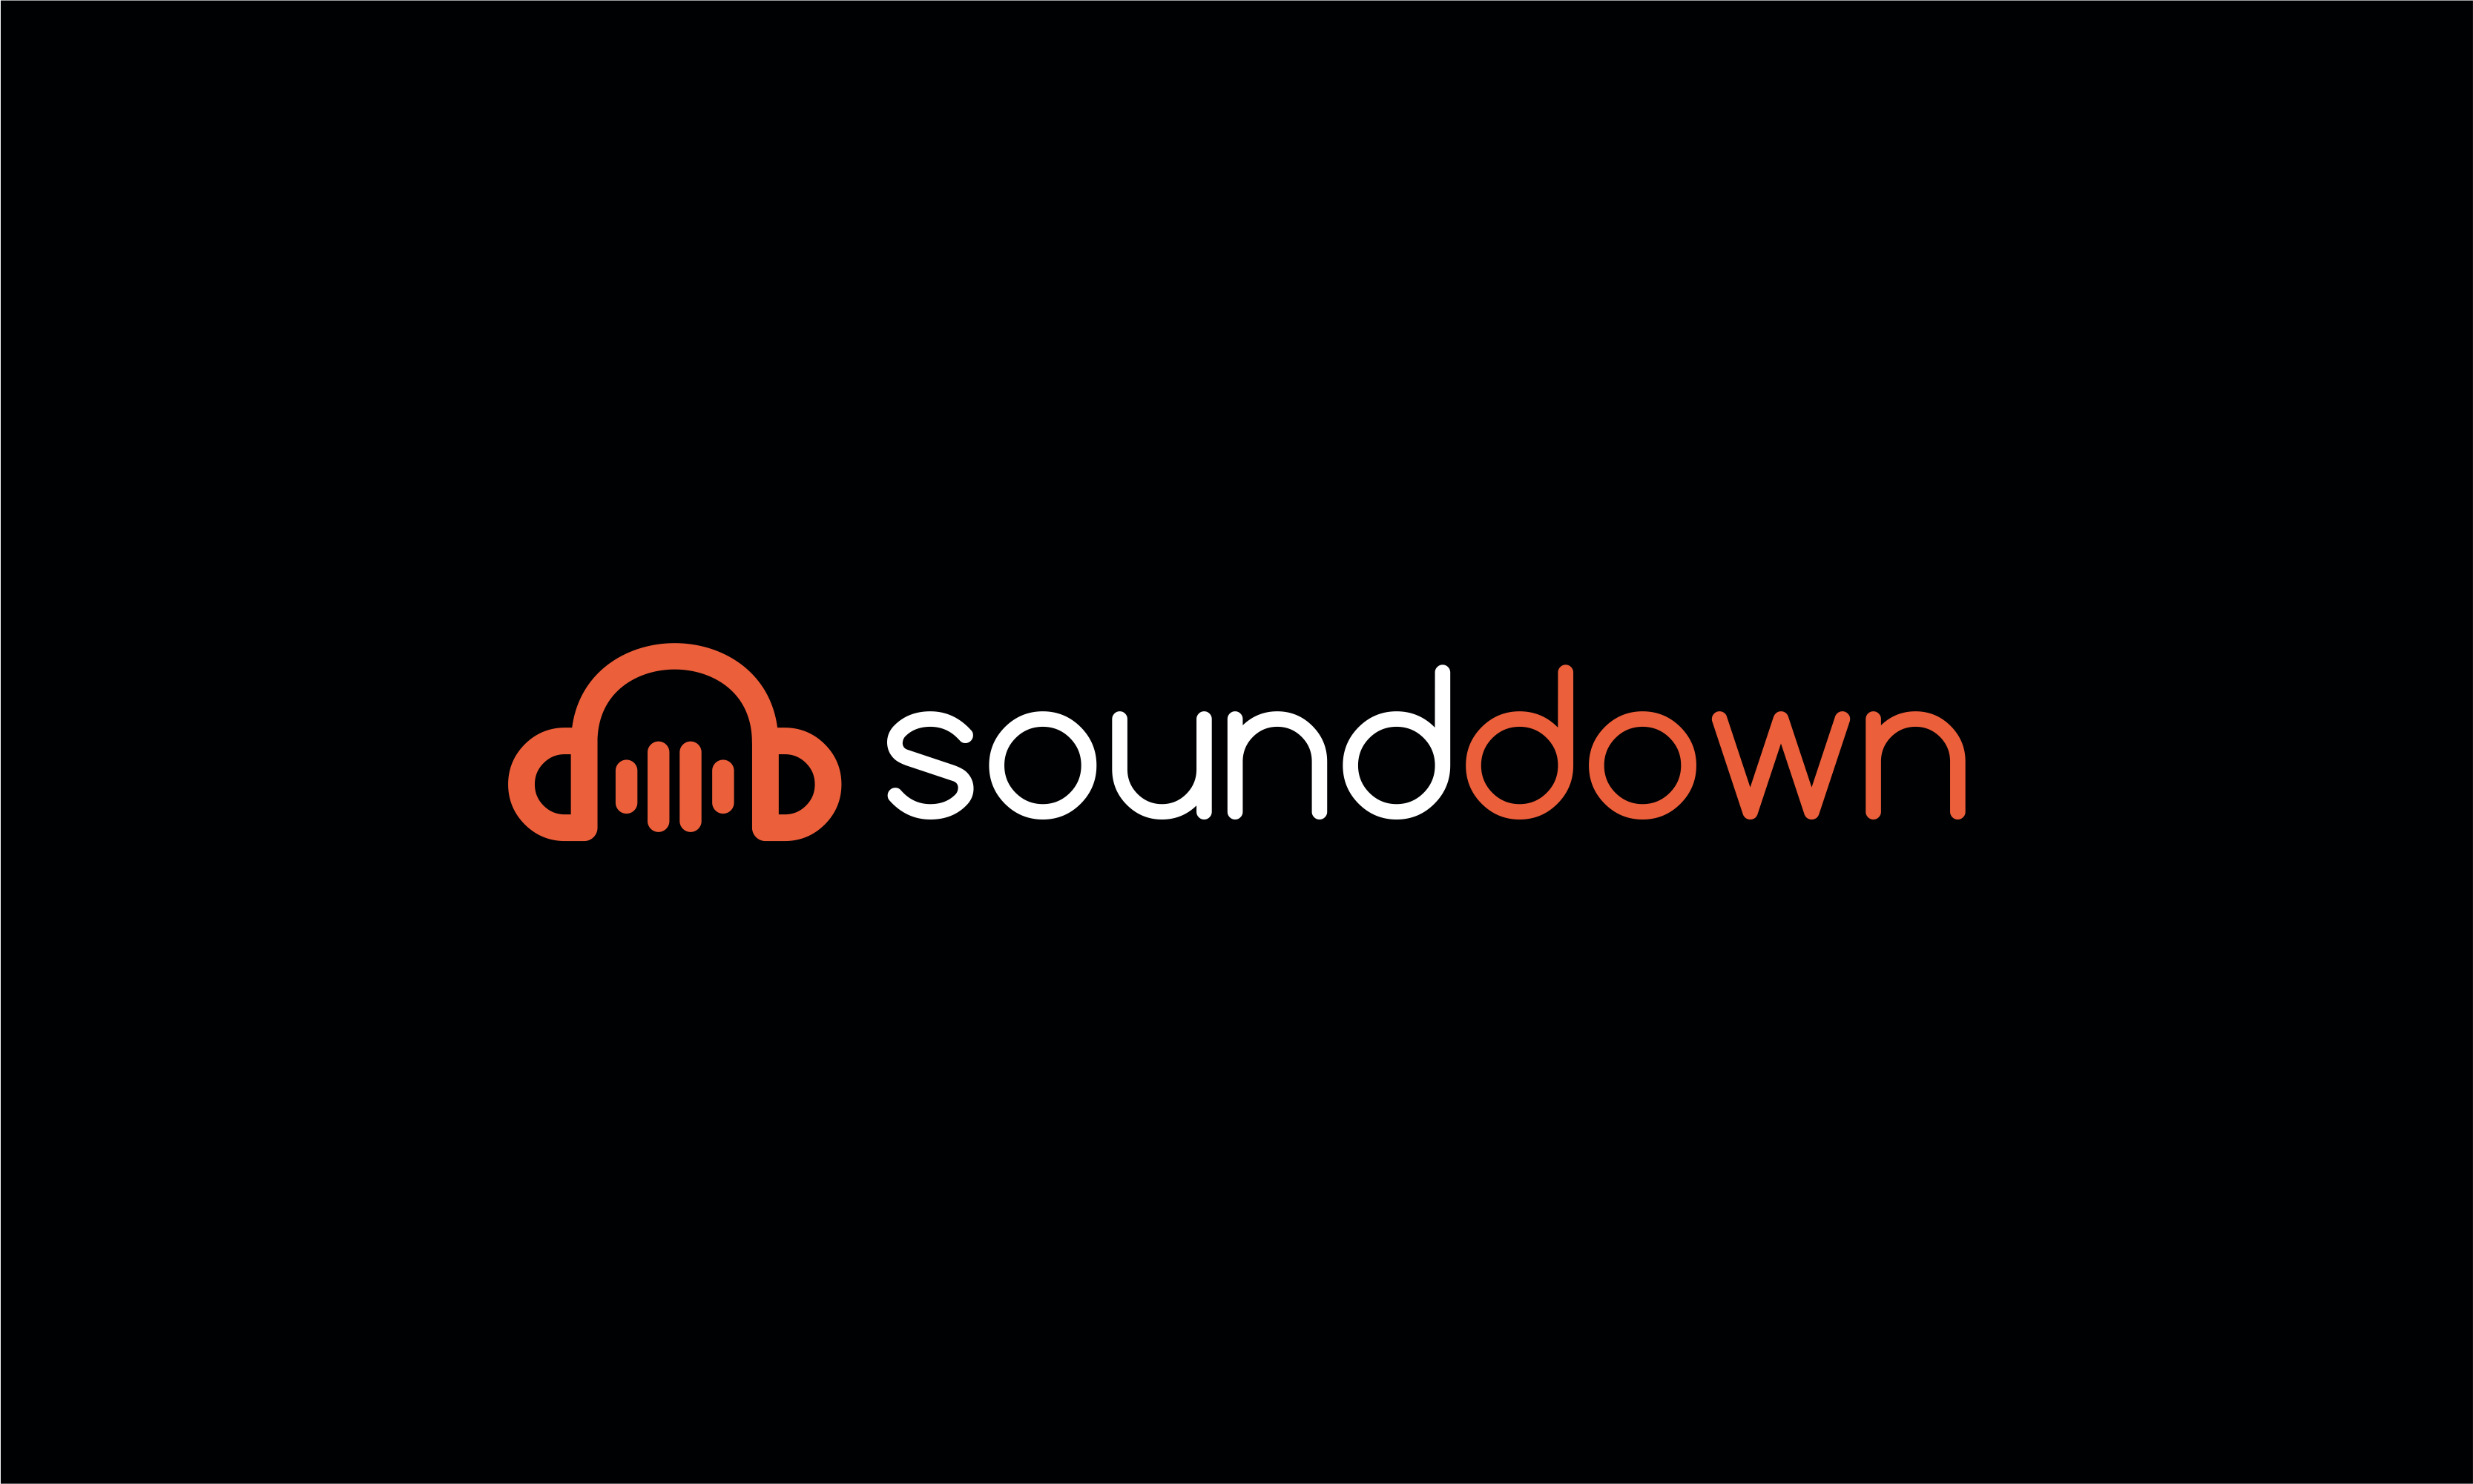 Sounddown